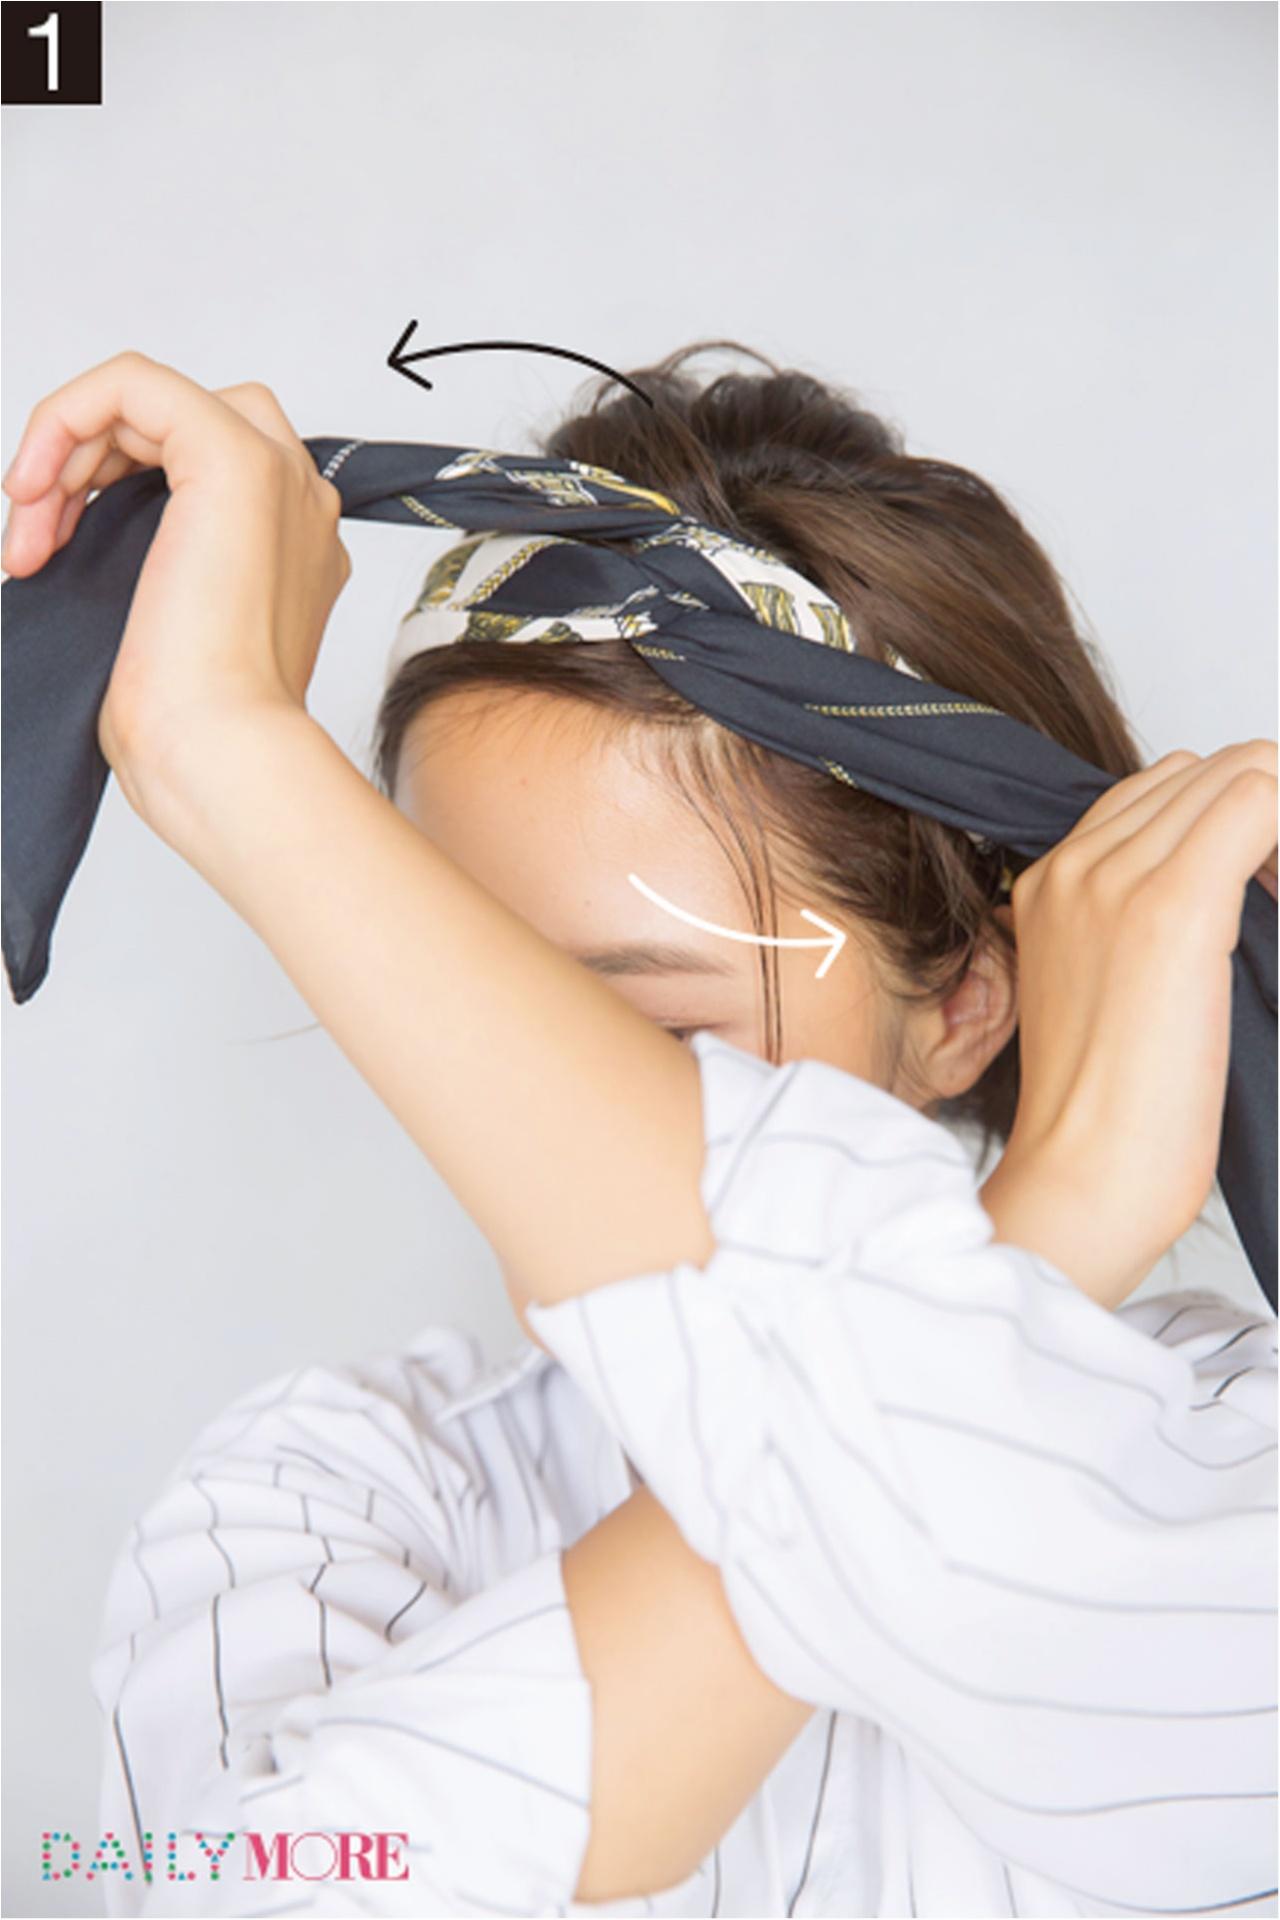 おまとめスカーフなら、簡単に今っぽヘアに! モアビューティズ菊地晴美ちゃん直伝「隠れ家カフェでおしゃべり日にGOOD」な神ヘアアレンジ_4